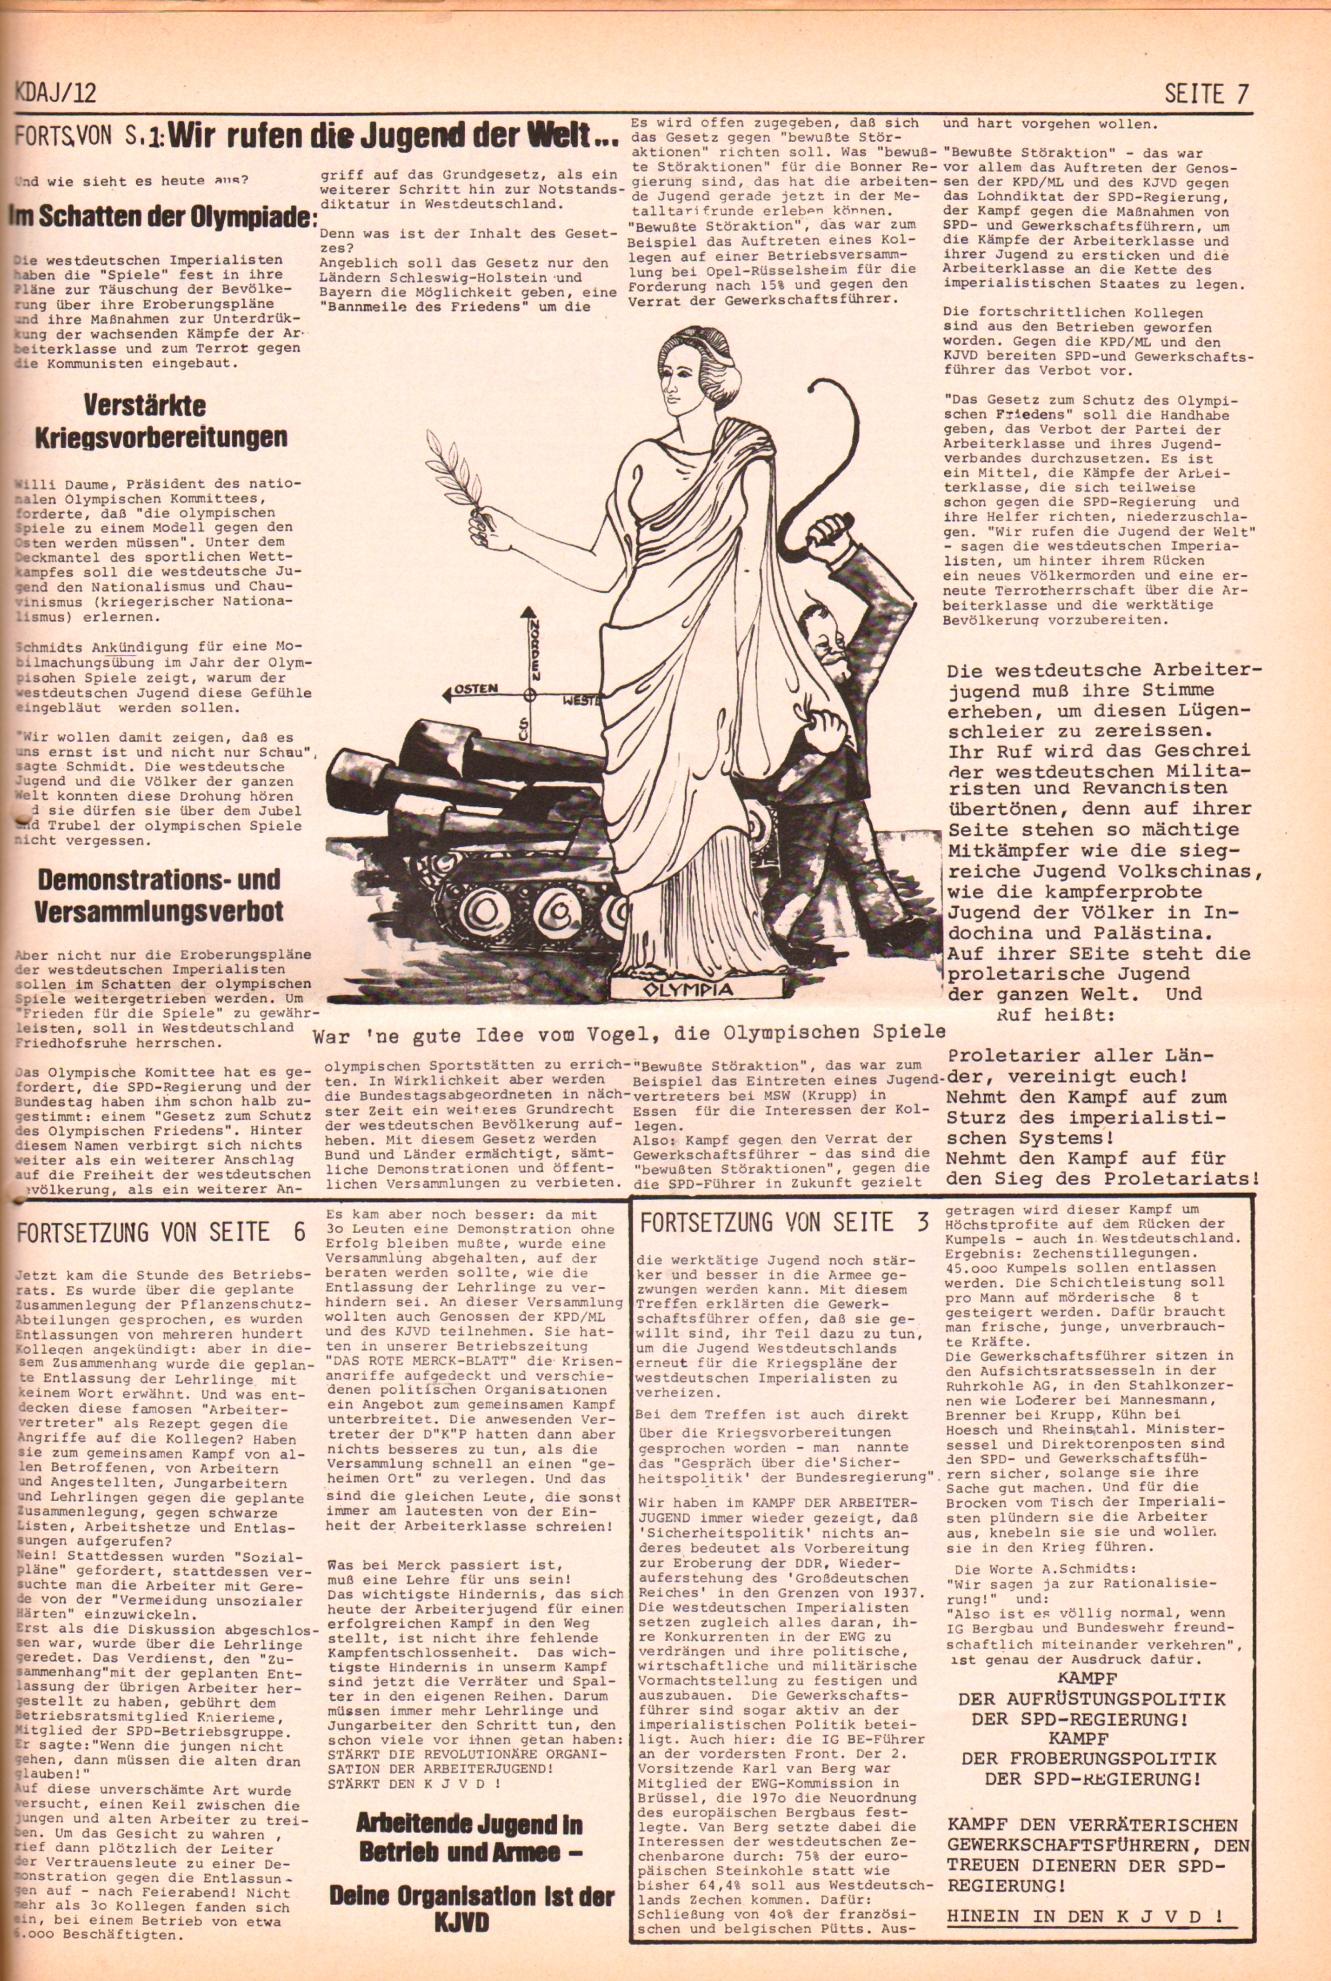 KDAJ, 2. Jg., Dezember 1971, Nr. 12, Seite 7